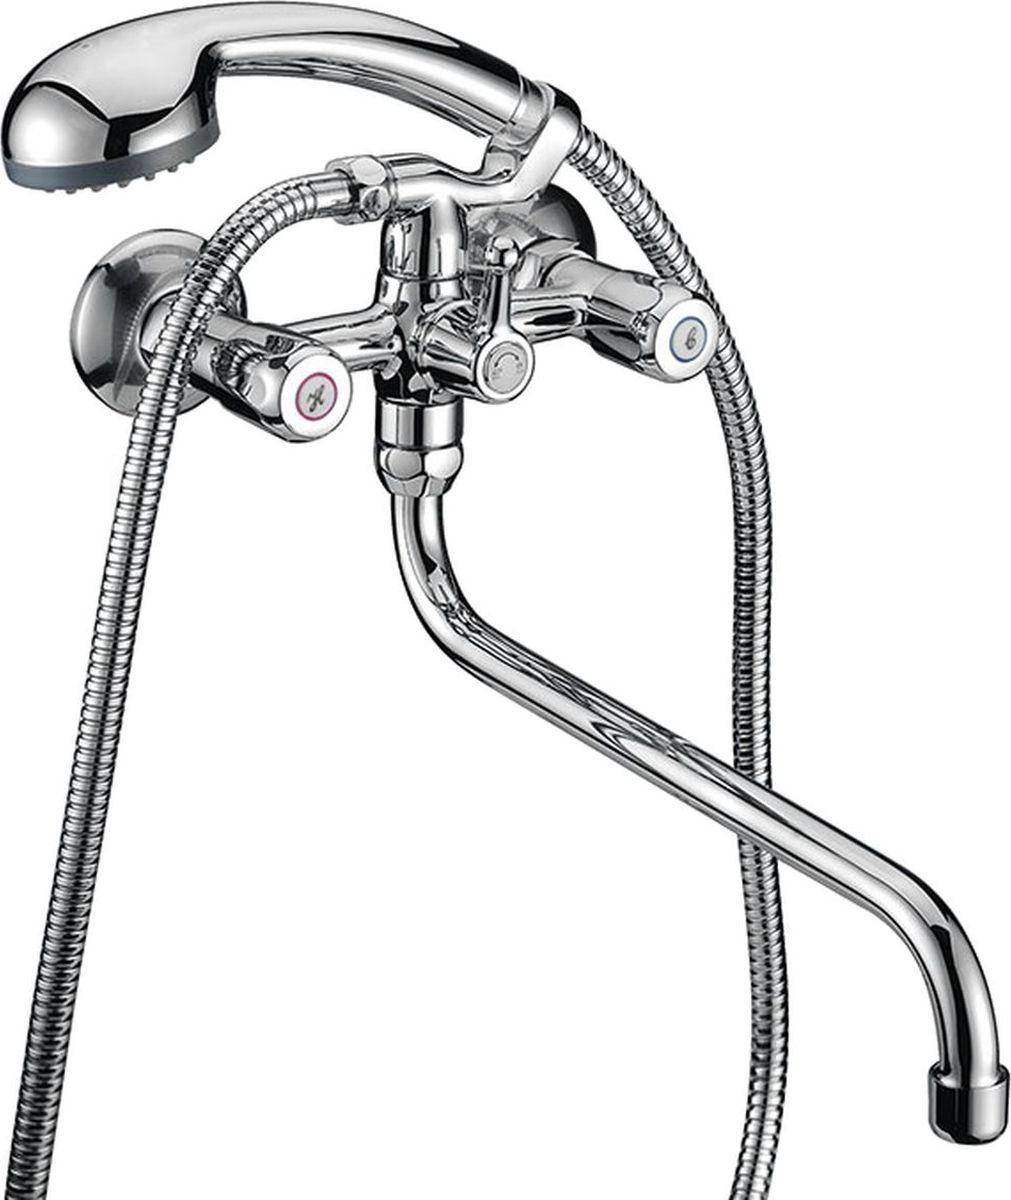 Смеситель для ванны Milardo Tasman, с длинным изливом, цвет: хромRICCI RRH-2150-SСмеситель для ванны Milardo® изготовлен из высококачественной первичной латуни, прочной, безопасной и стойкой к коррозии. Инновационные технологии литья и обработки латуни, а также увеличенная толщина стенок смесителя обеспечивают его стойкость к перепадам давления и температур. Увеличенное никель-хромовое покрытие полностью соответствует европейским стандартам качества, обеспечивает его стойкость и зеркальный блеск в течение всего срока службы изделия. Благодаря гладкой внутренней поверхности смесителя, рассекателям в водозапорных механизмах и аэратору он имеет минимальный уровень шума.Смеситель оборудован керамическим дивертором, чей сверхнадежный механизм обеспечивает плавное и мягкое переключение с излива на душ, а также непревзойденную надежность при любом давлении воды.Керамические кран-буксы с углом поворота 180 градусов позволяют настраивать температуру и напор воды с высокой степенью точности. Ручки смесителя не нагреваются благодаря специальной форме встроенных термоизоляторов.(аэратор)В комплект входят лейка и шланг из нержавеющей стали длиной 1,5 м с защитой от перекручивания. Гарантия на смесители Milardo® – 7 лет. Гарантия на лейку и шланг составляет 1 год.